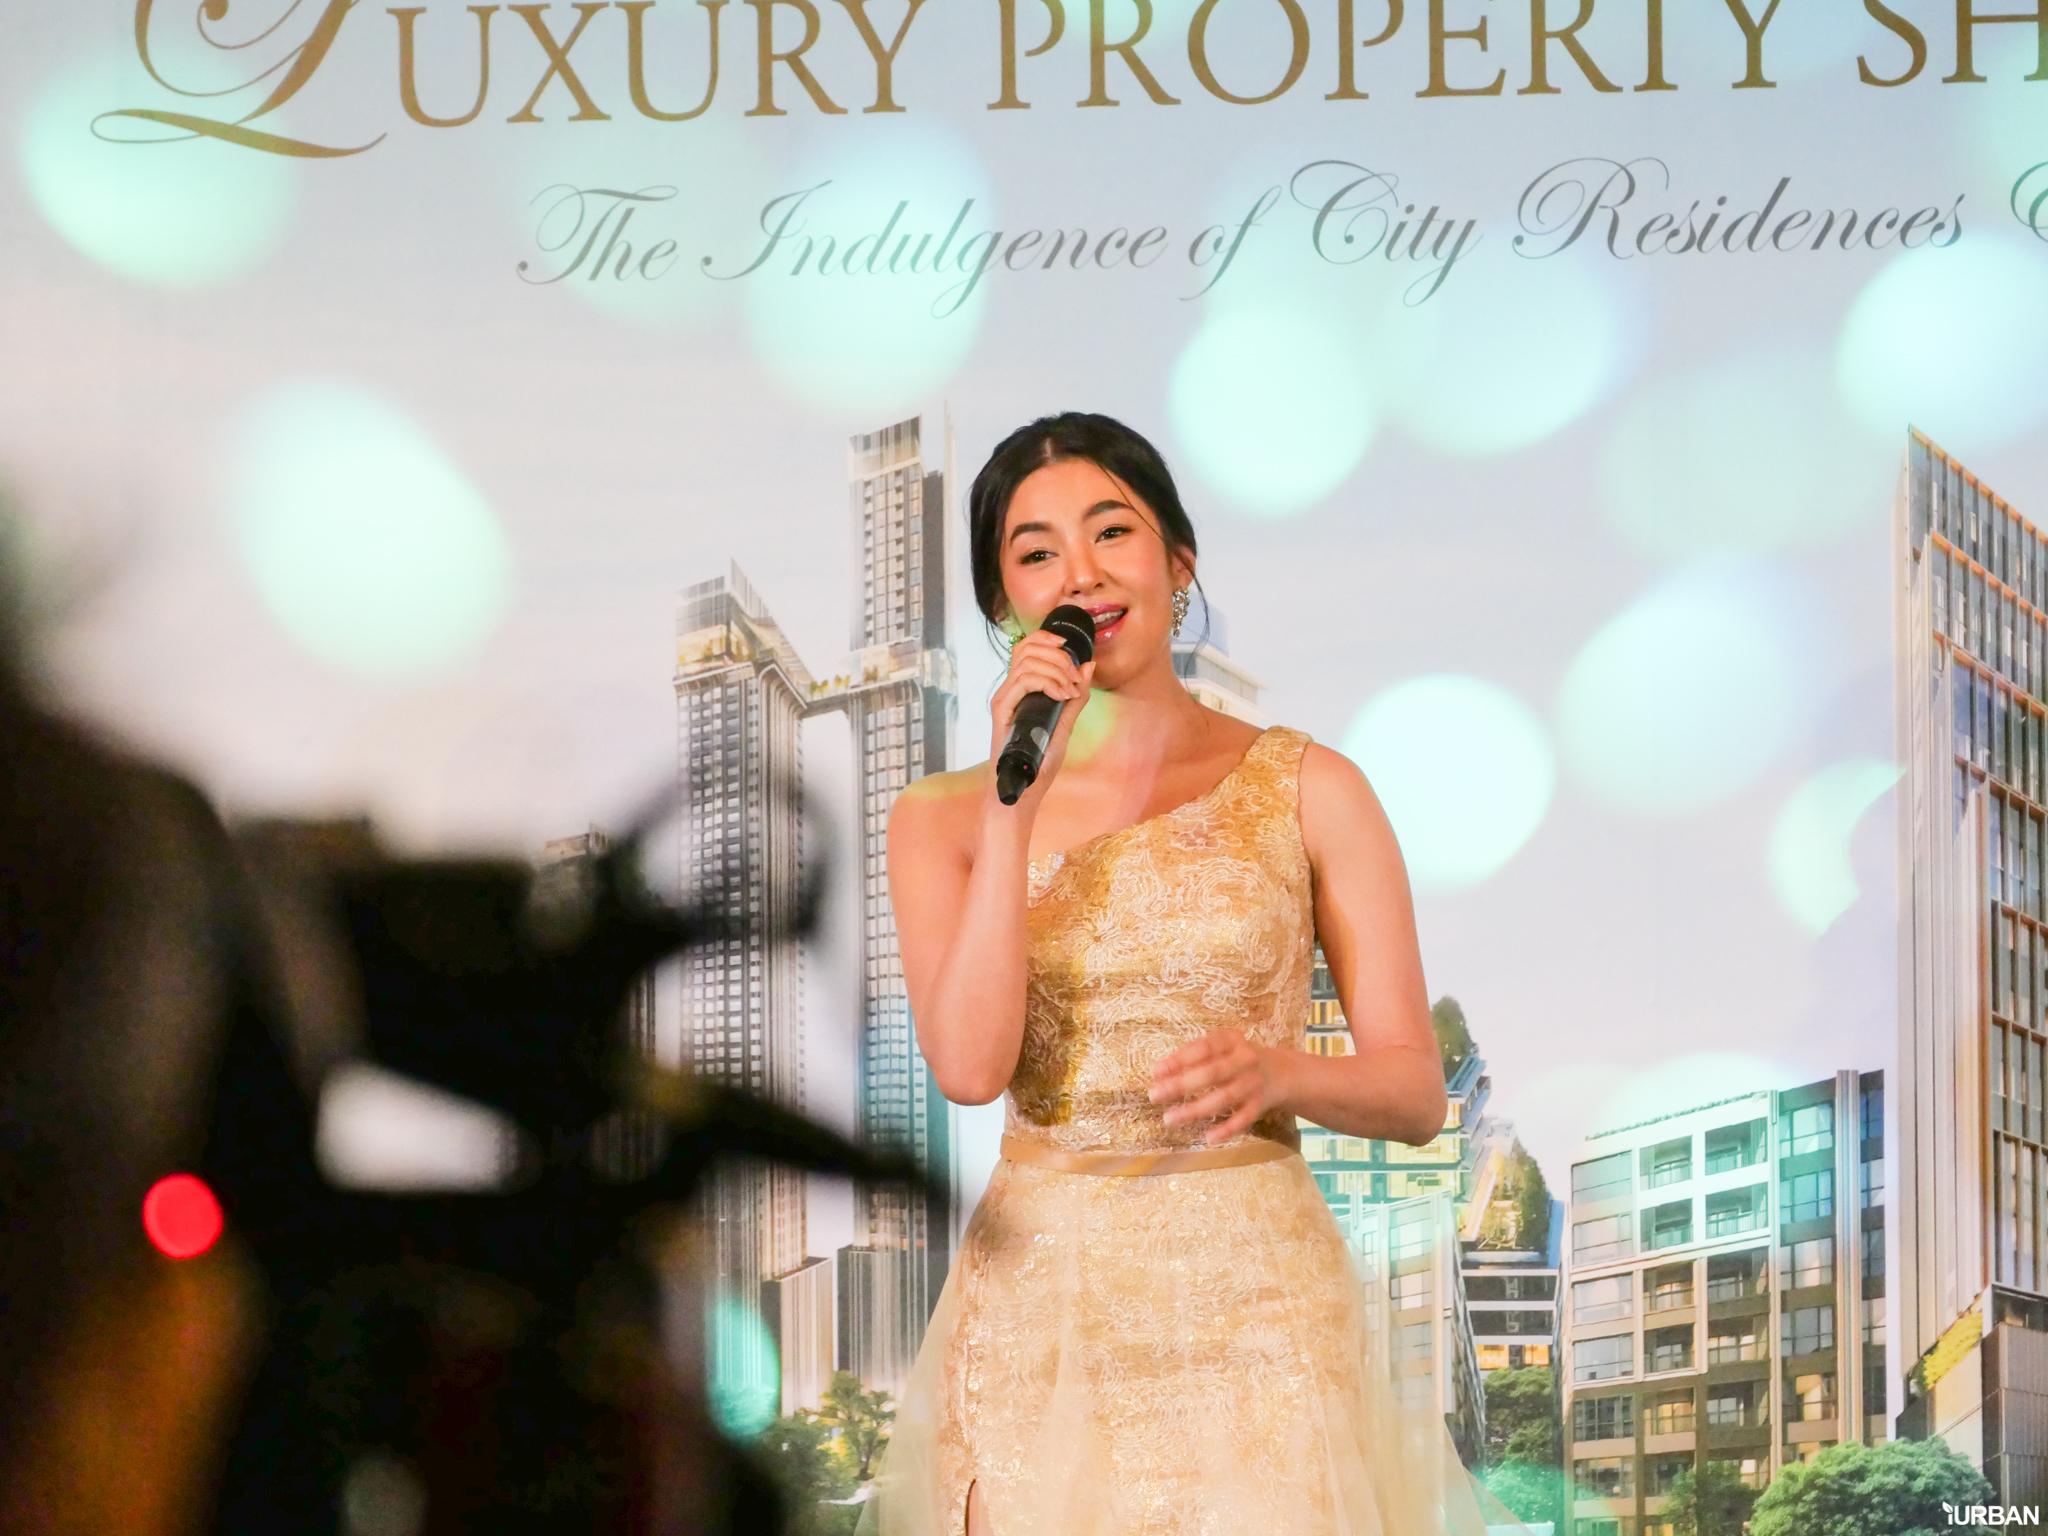 เดินงาน Siam Paragon Luxury Property Showcase 2018 พบที่พักอาศัยระดับมาสเตอร์พีซกว่า 3,900 ยูนิต 13 - Luxury